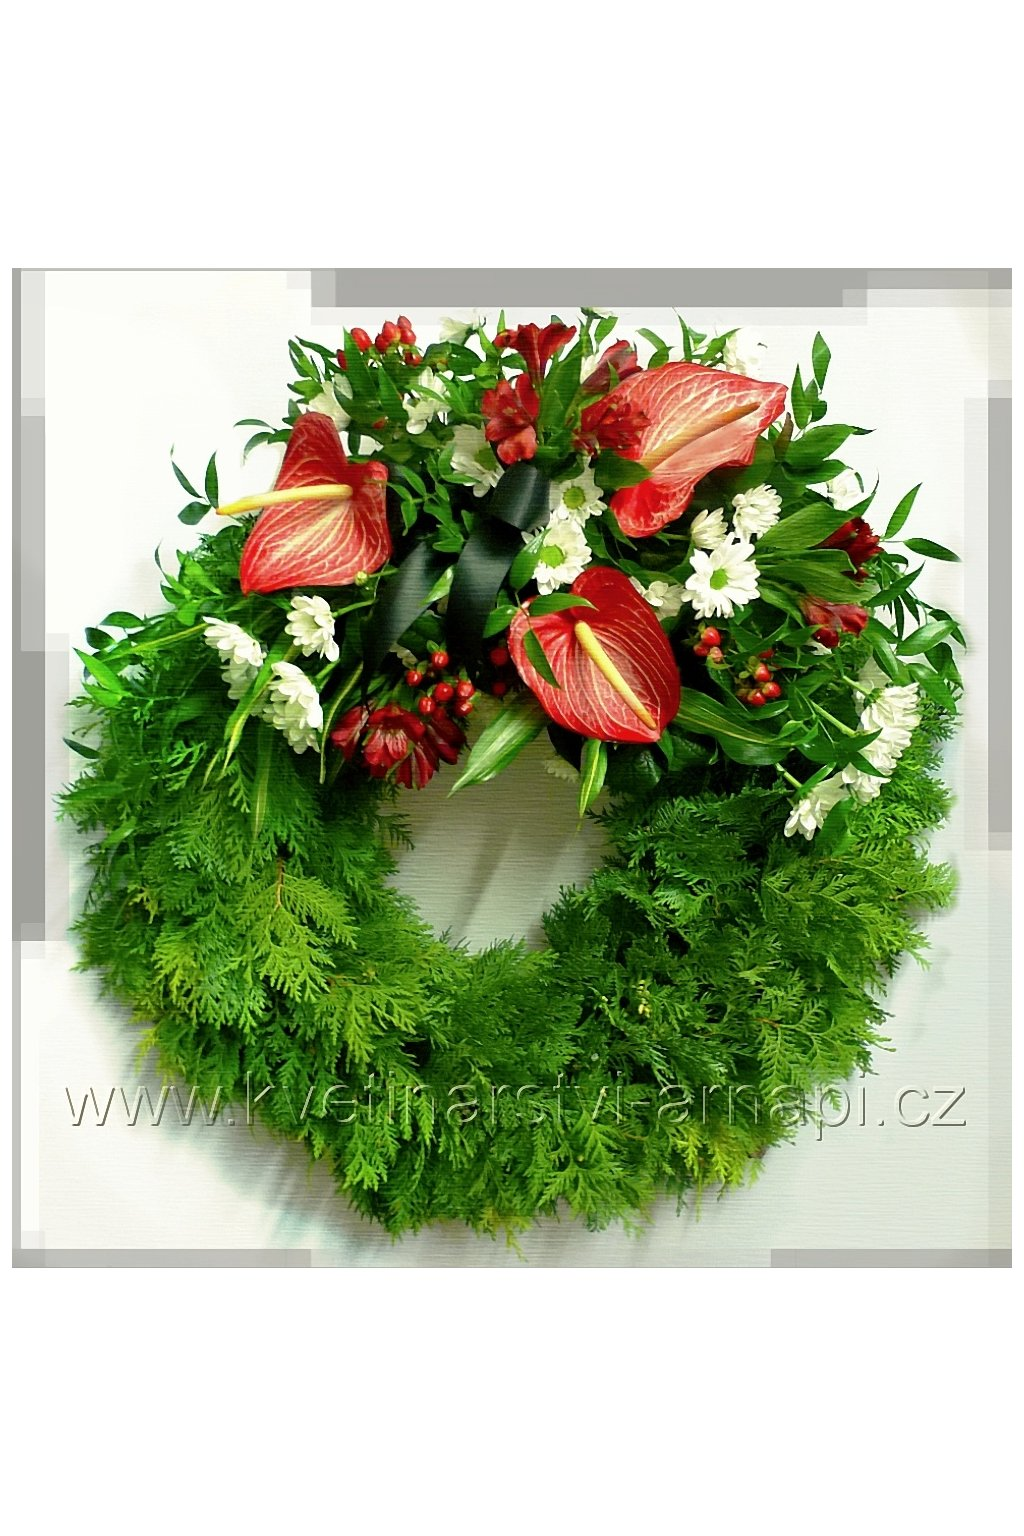 smutecni venec online rozvoz kvetinarstvi arnapi